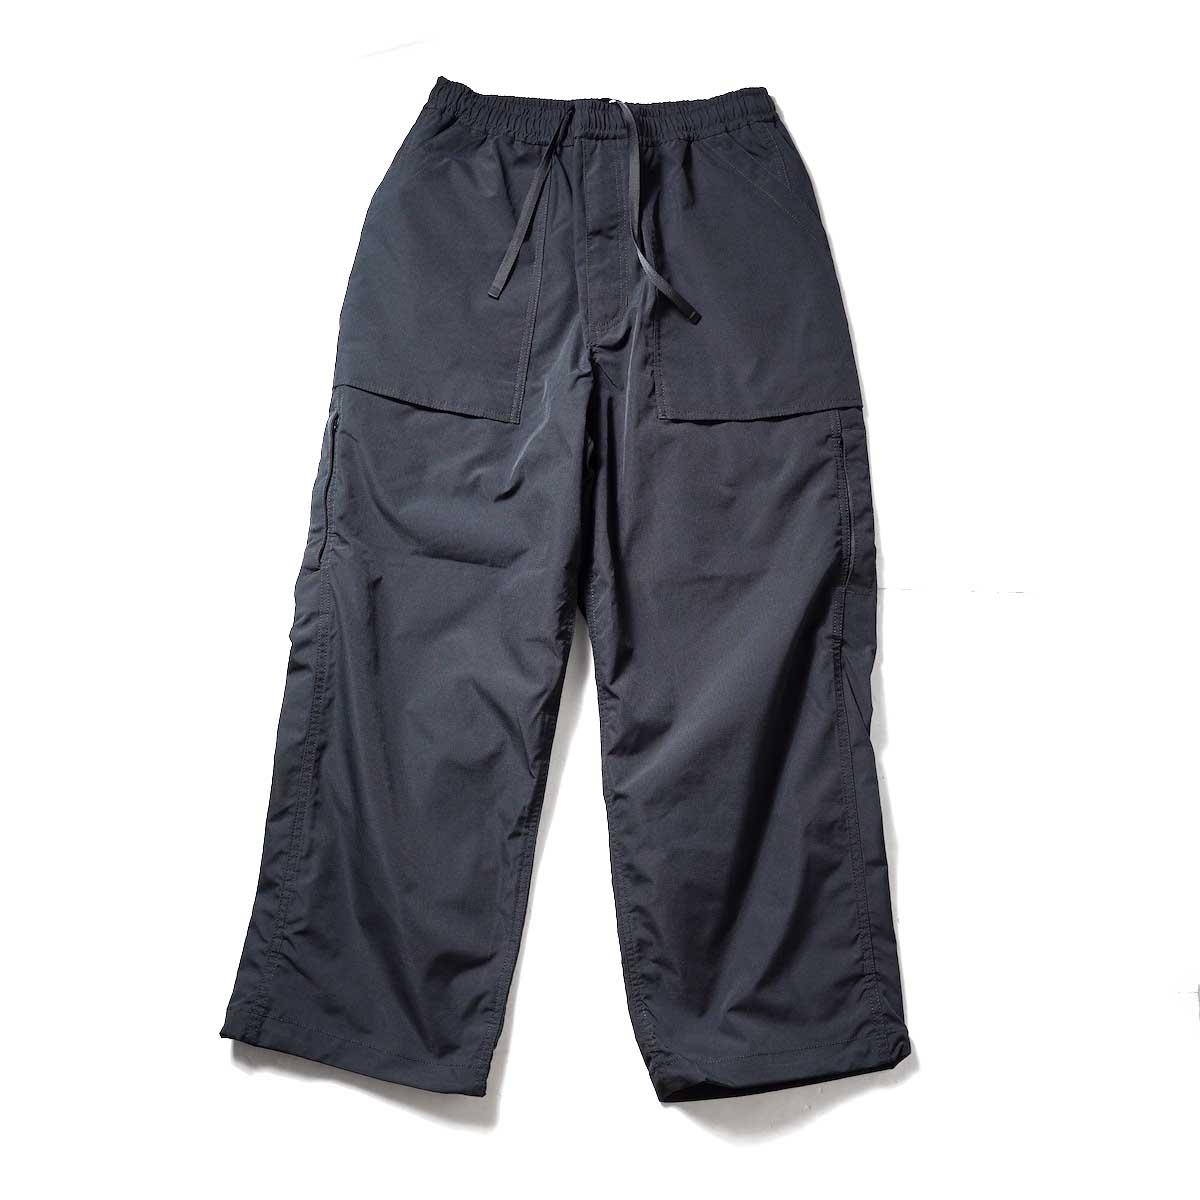 DAIWA PIER39 / TECH SPY FATIGUE PANTS RIP-STOP (Black)